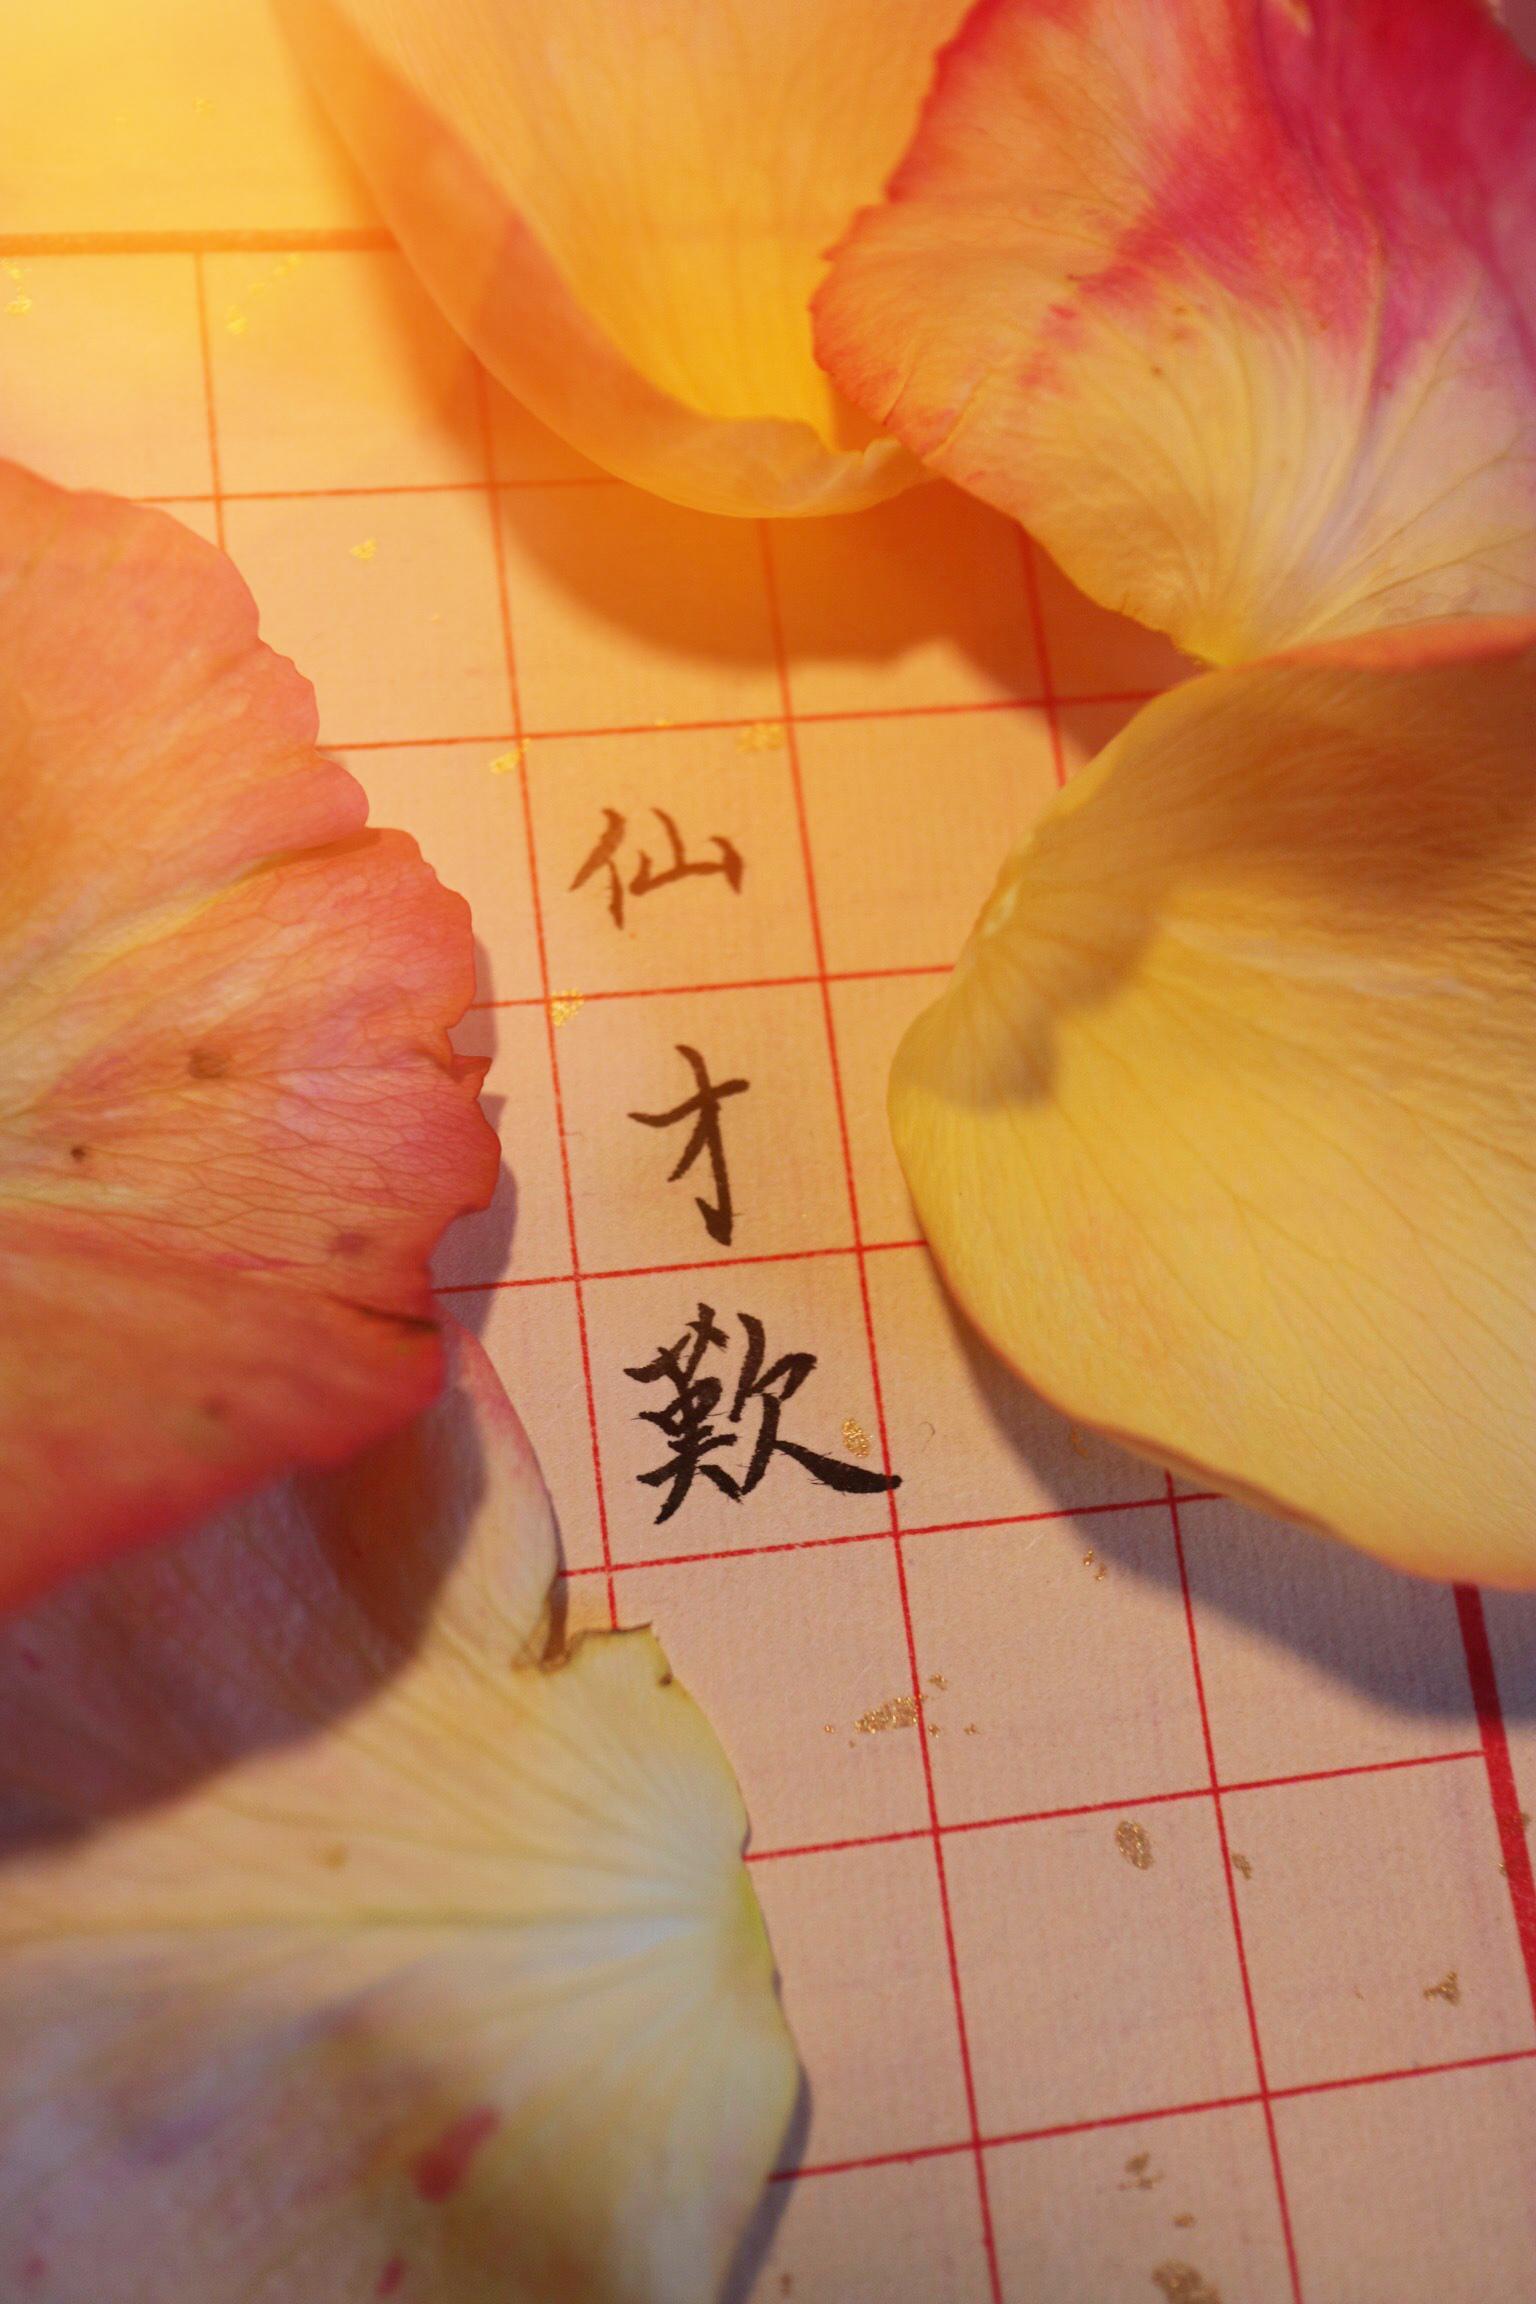 李袁杰-离人愁d调古筝伴奏(谢佳国乐 remix)